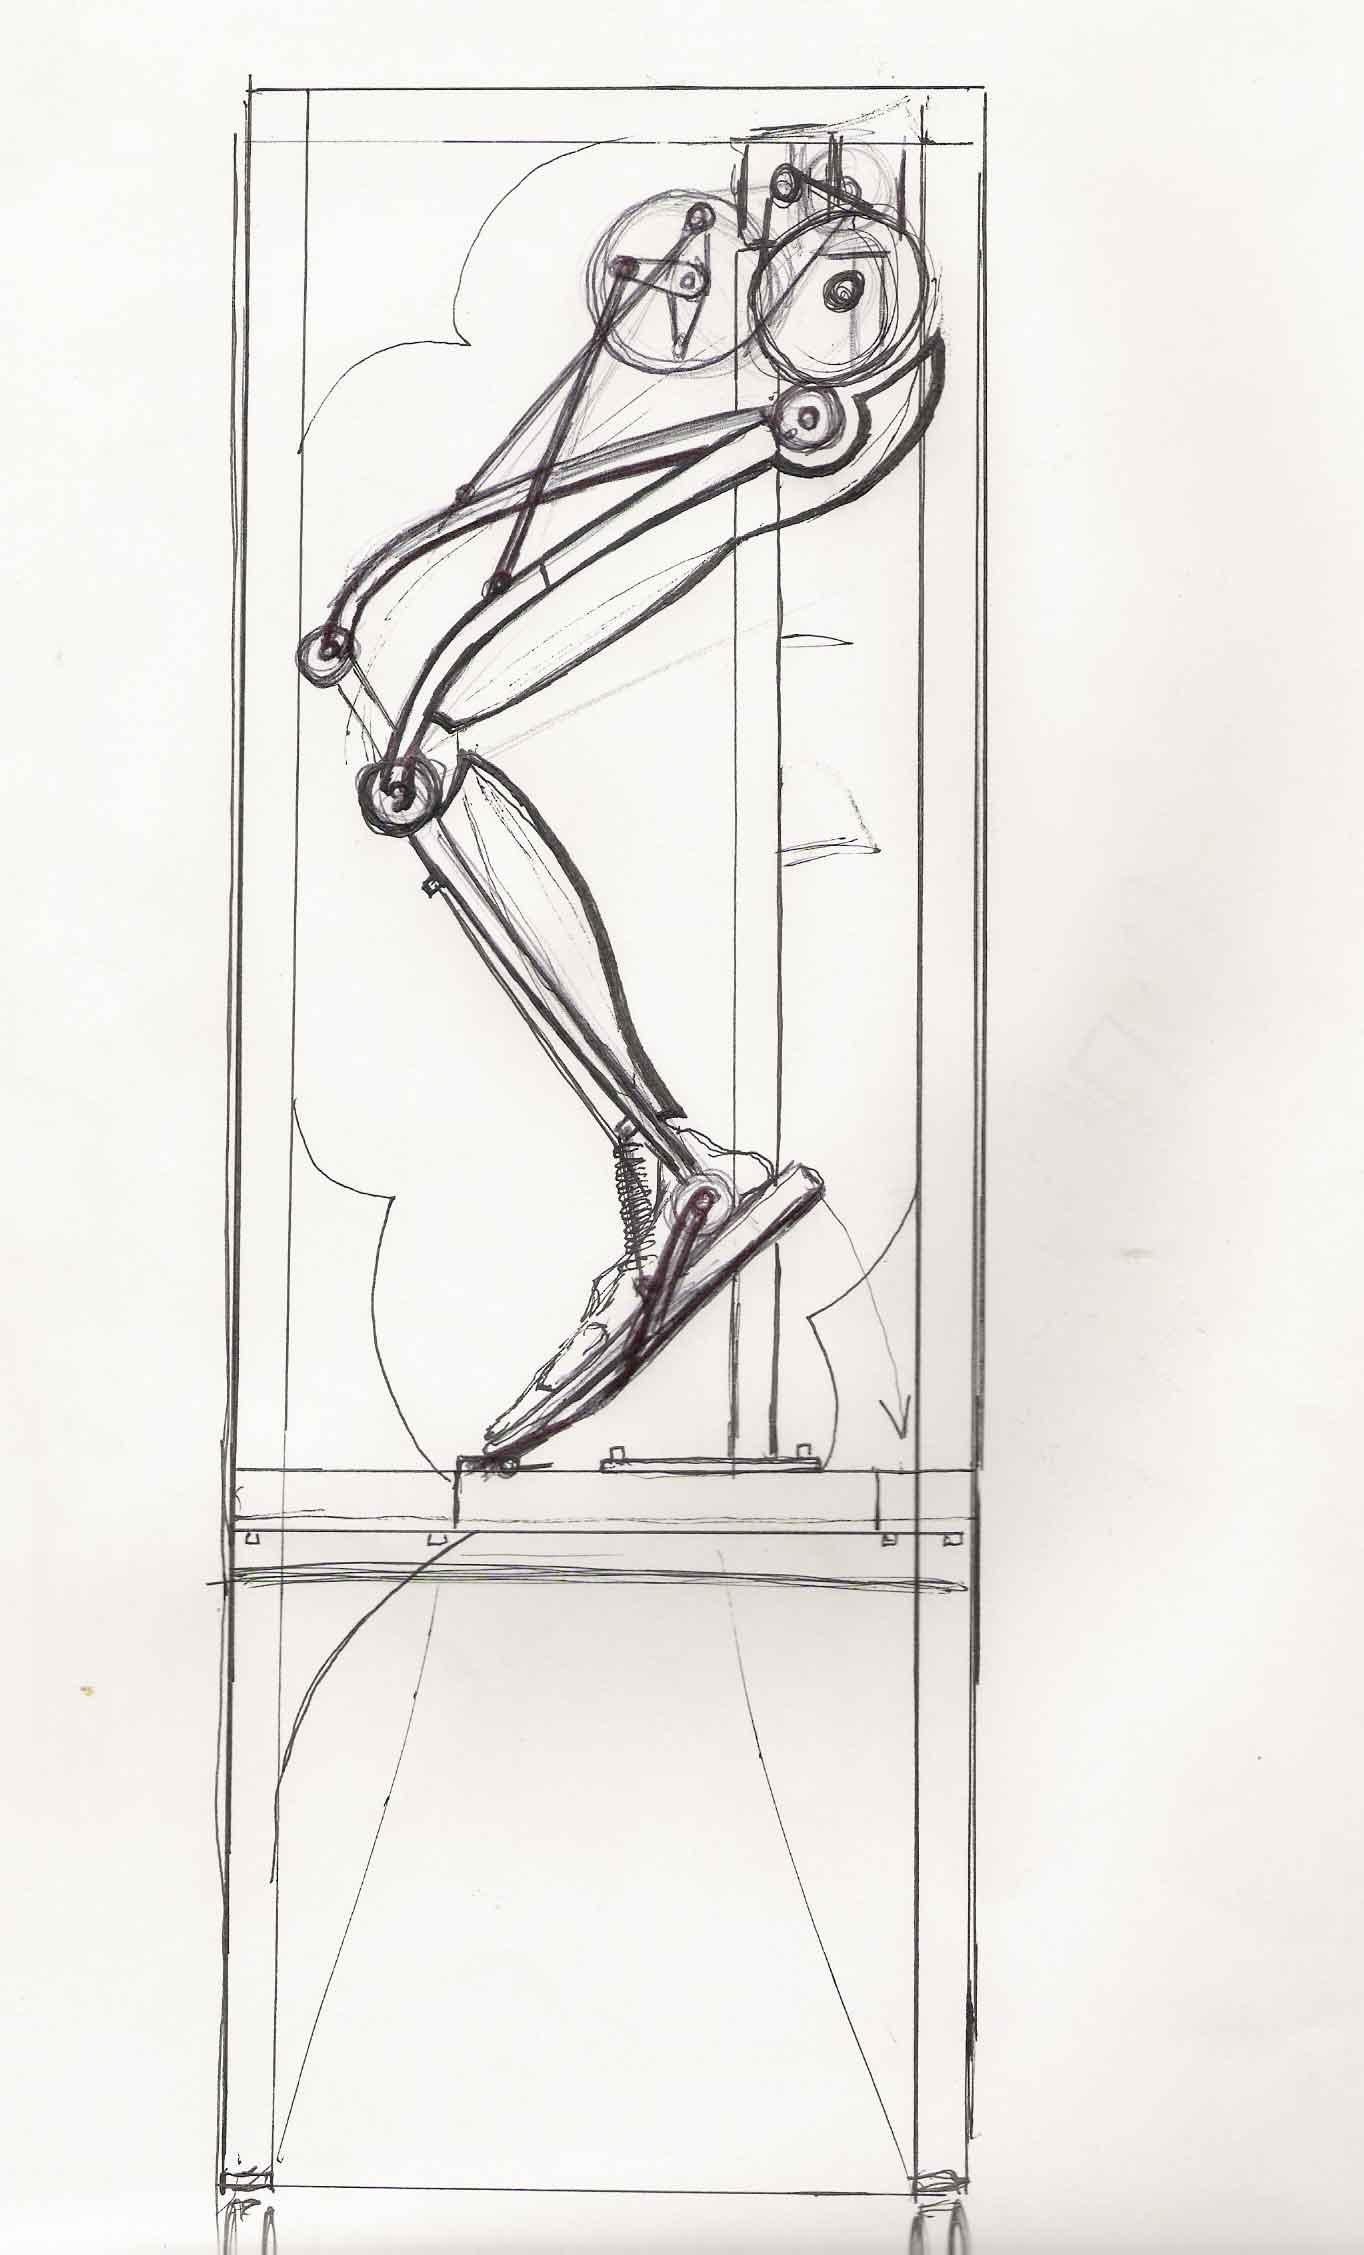 3 rd superfeet sketch